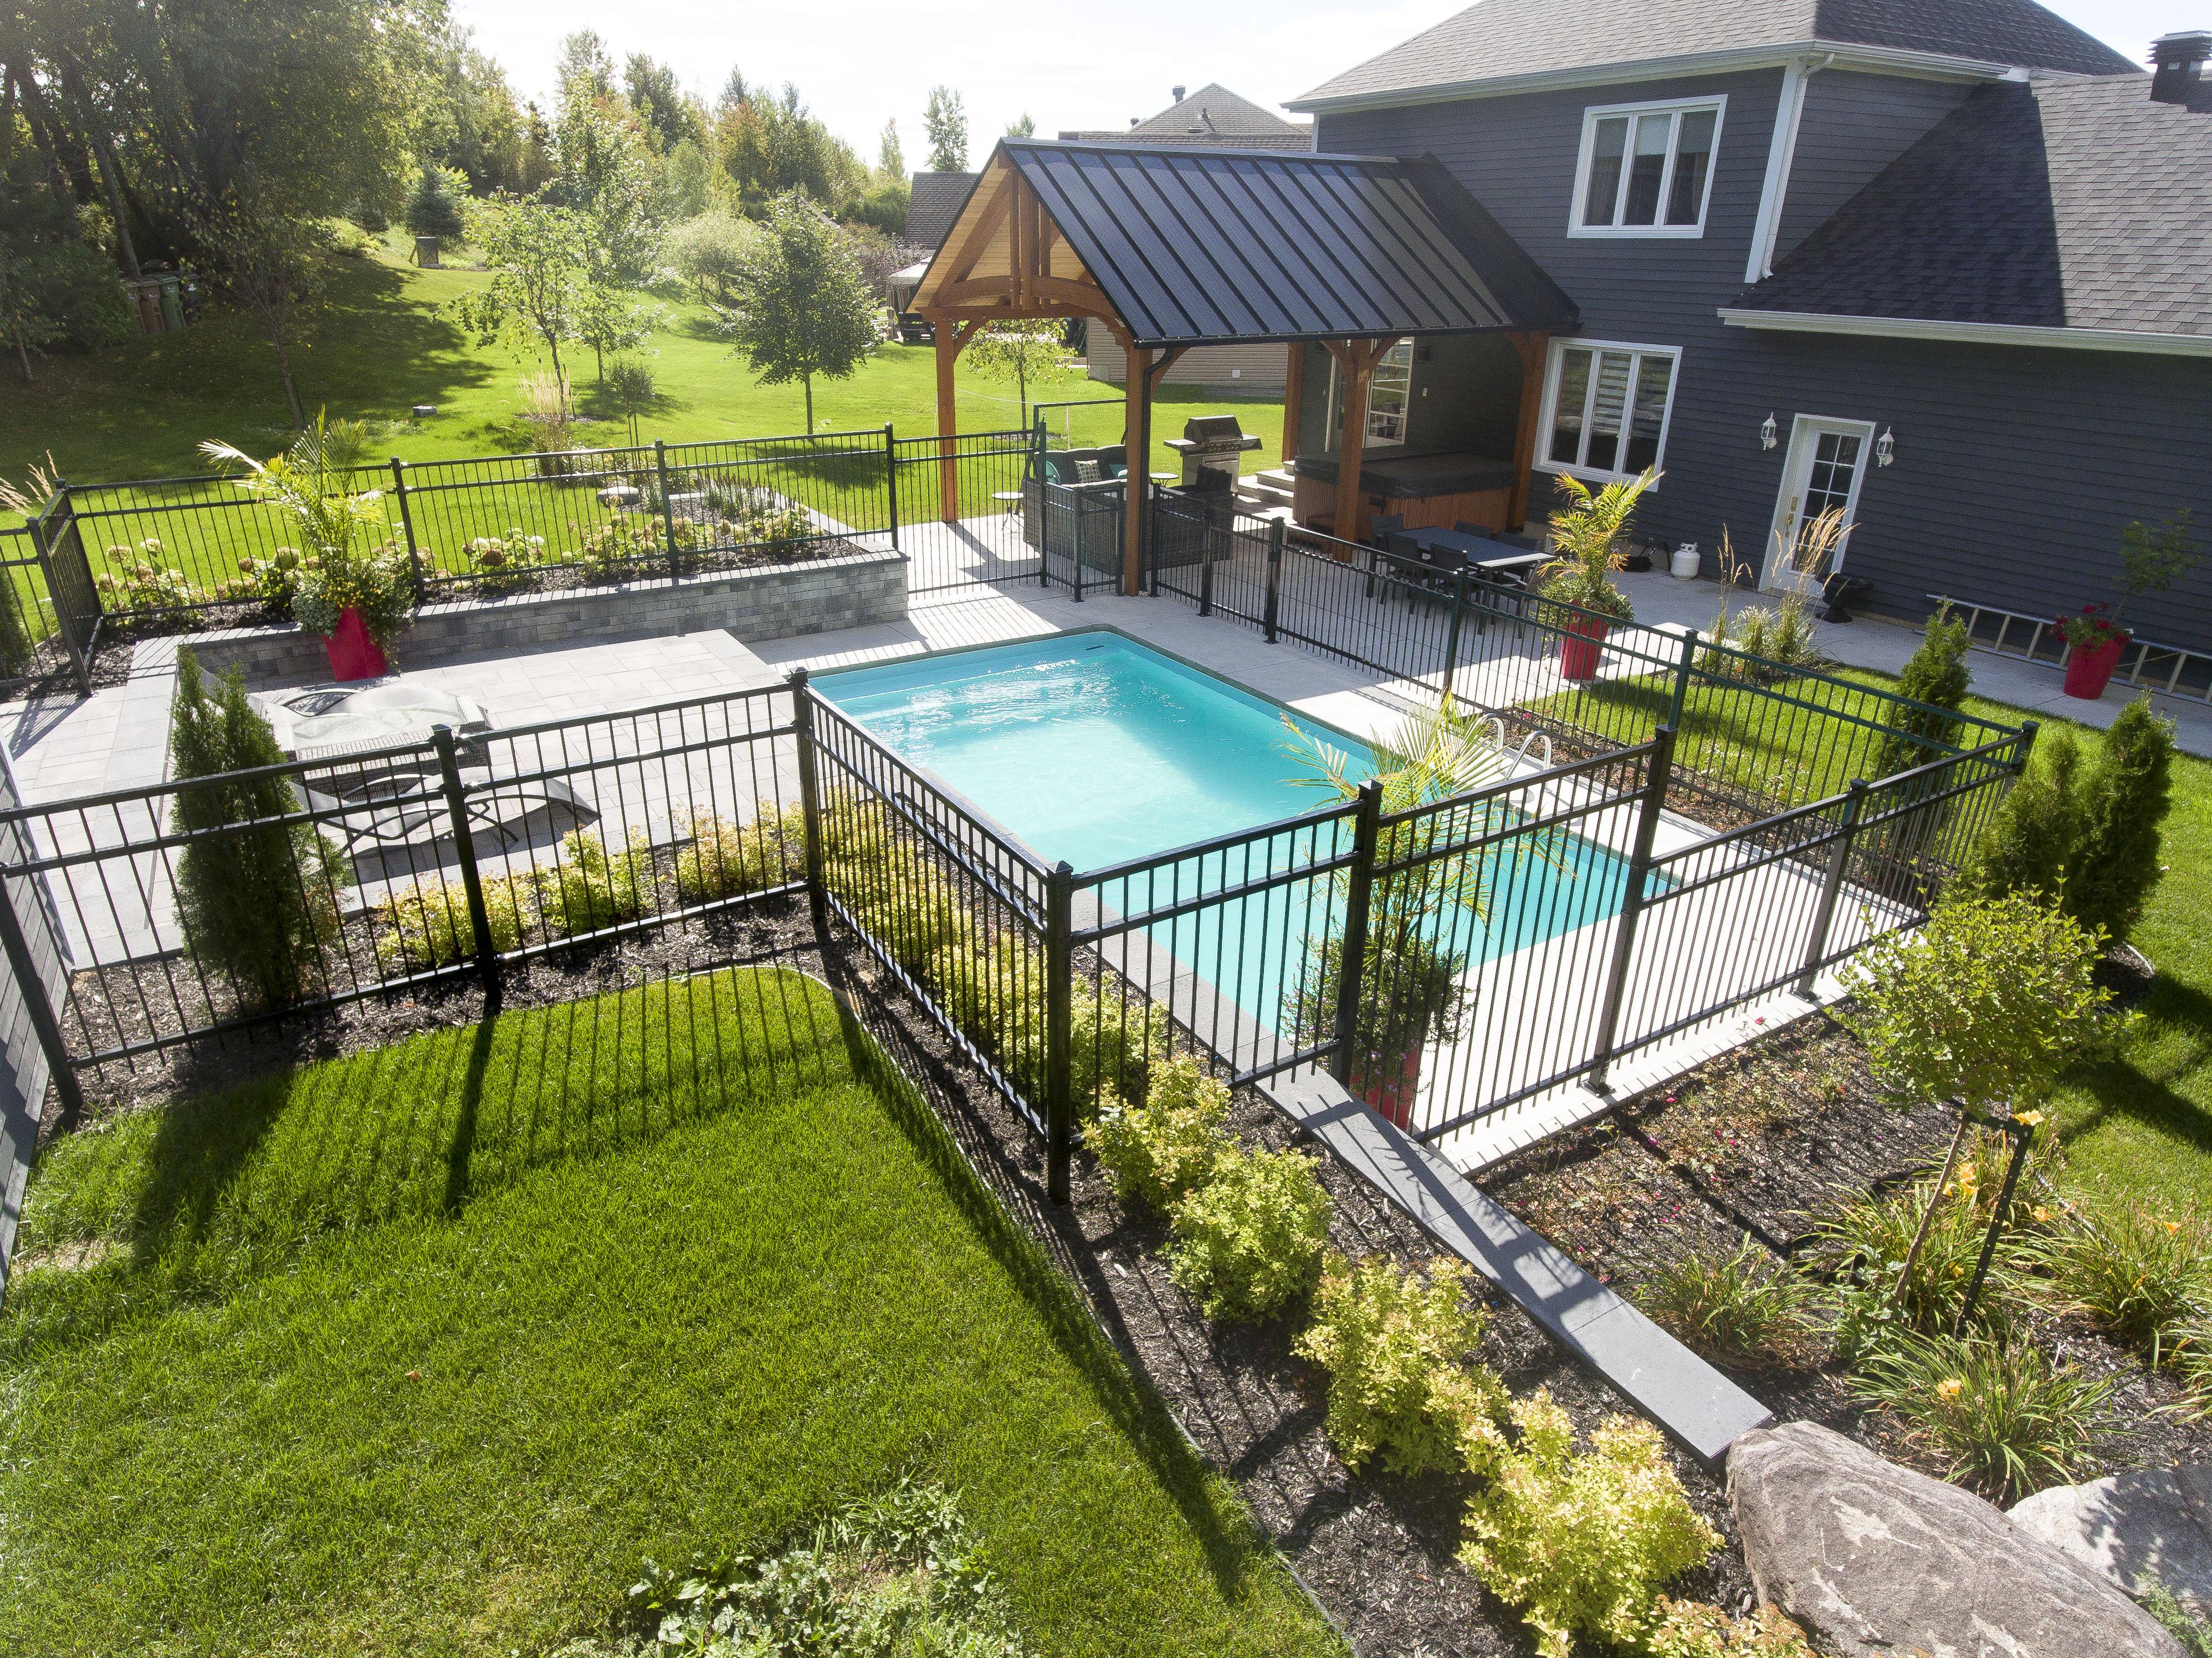 Le tout inclus cour arri re piscine spa r alisations brisson paysagiste - Amenagement exterieur piscine creusee ...